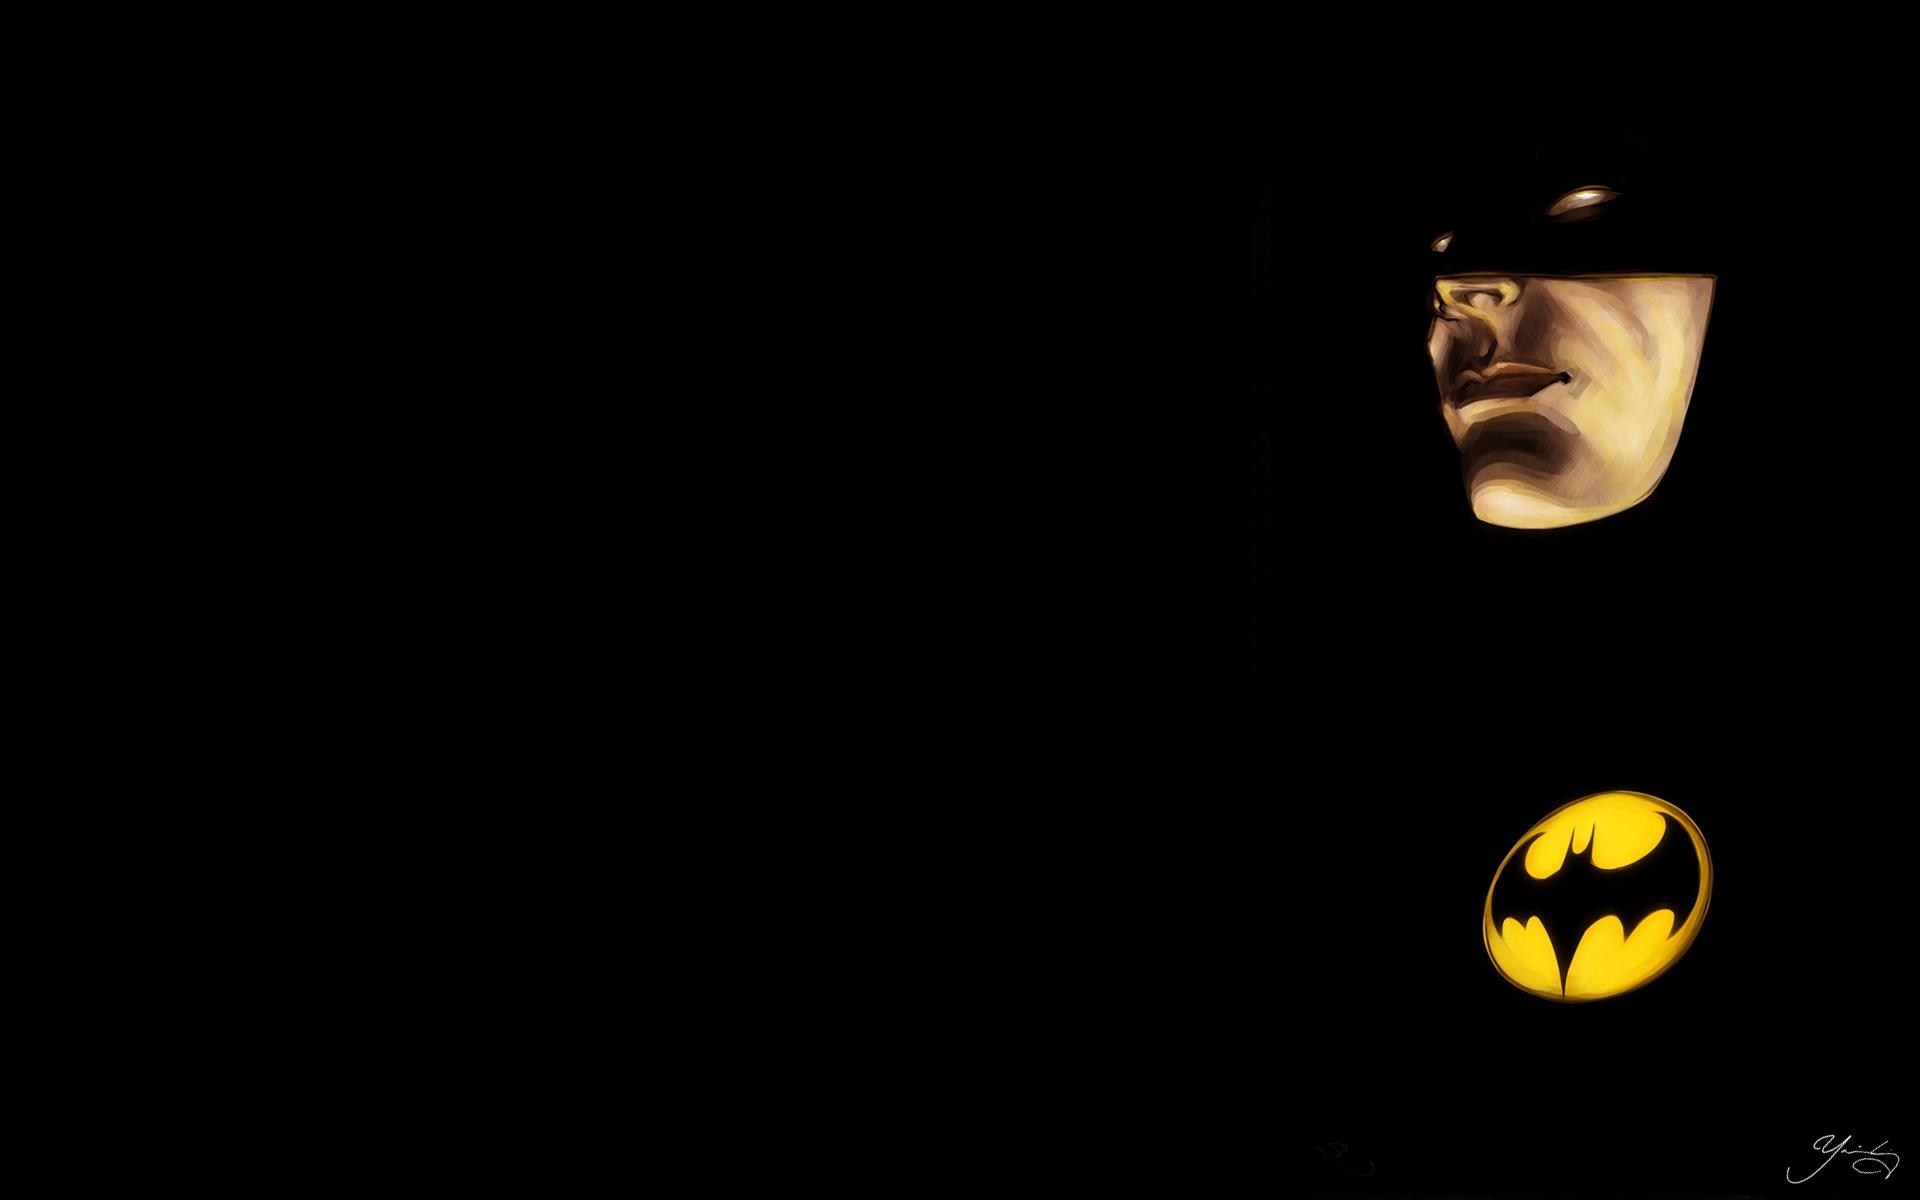 Black Batman Superhero Wallpaper 6174 Wallpaper Wallpaper Screen 1920x1200